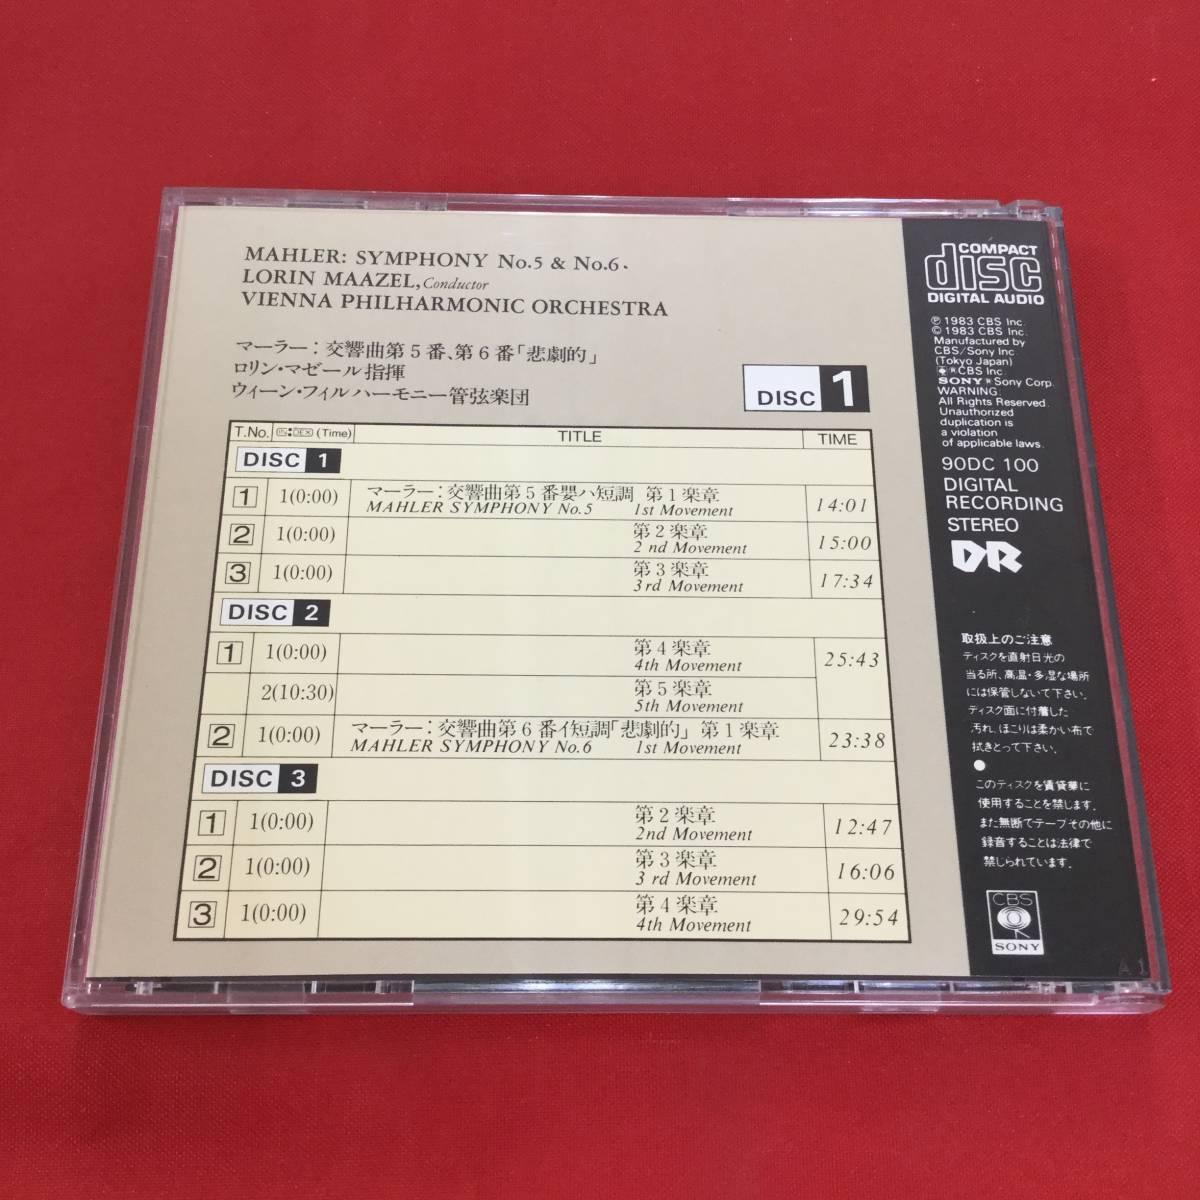 〇マゼール/マーラー、交響曲第5番&第6番/3CD、90DC 100~102_画像5